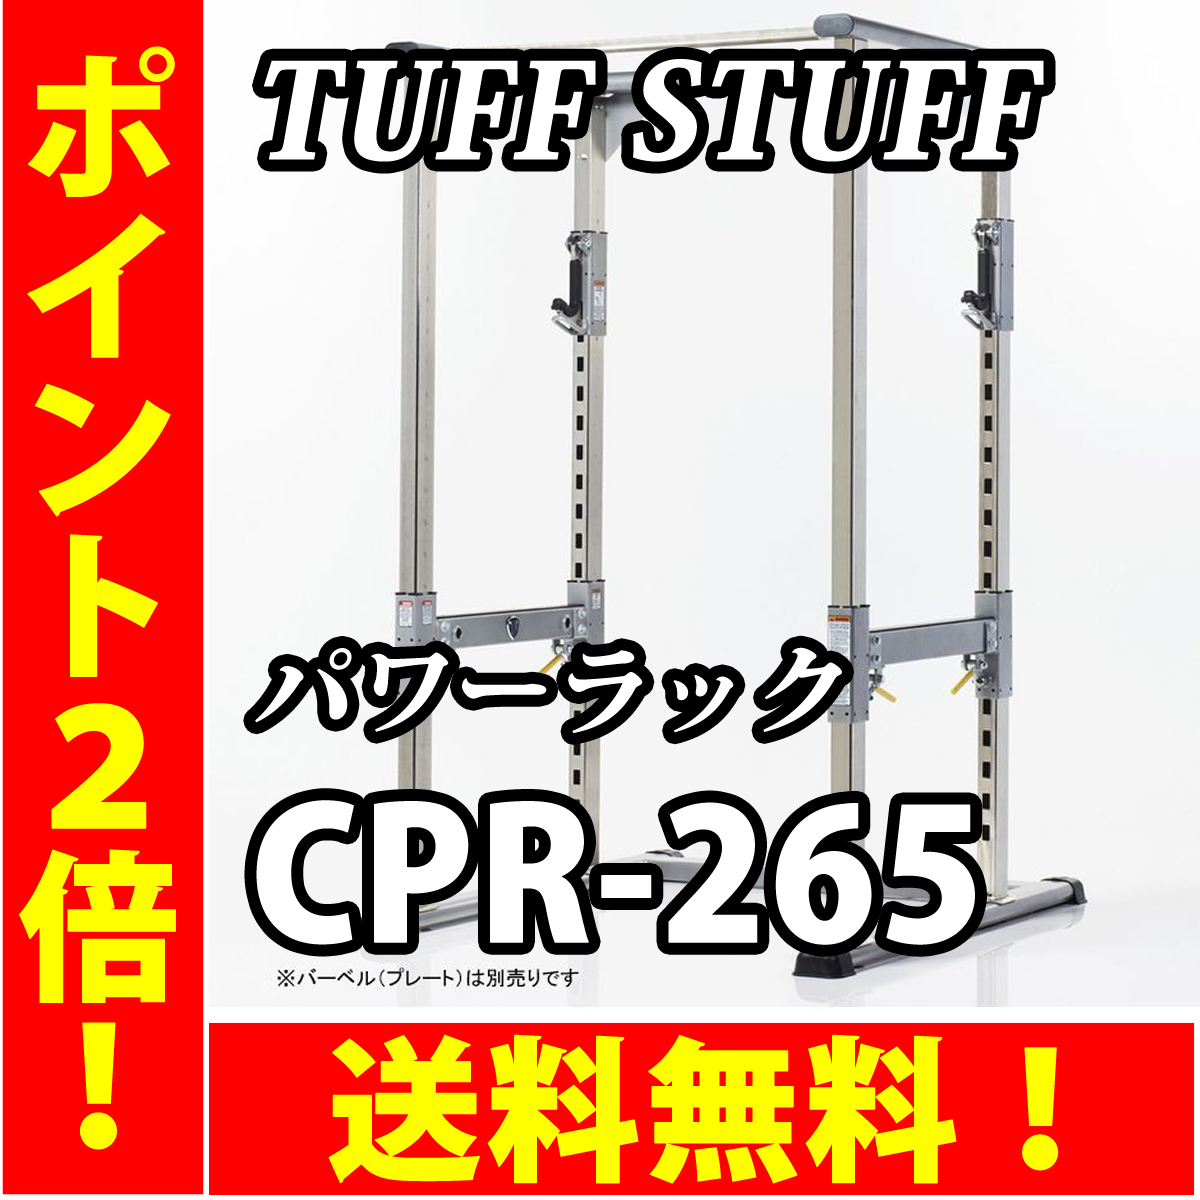 TUFF STUFF パワーラックシステムCPR-265【ポイント2倍!】【送料無料】 【タフスタッフ】【代引き不可】